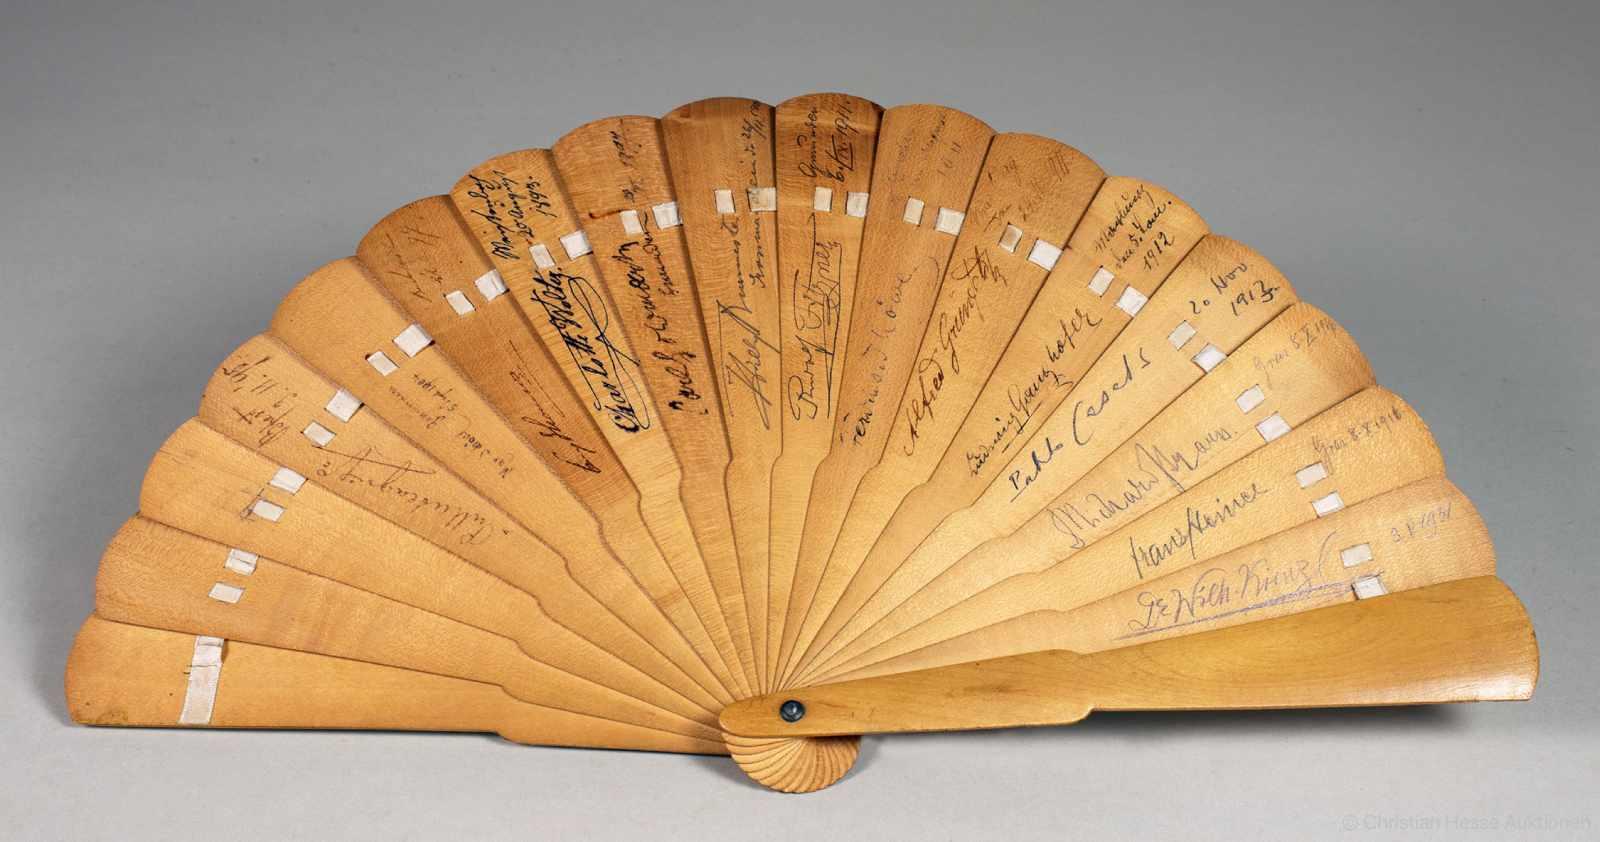 Richard Strauss in einem »bunten« Fächer - 14 Künstlersignaturen auf einem Holzfächer. 1893-1931.